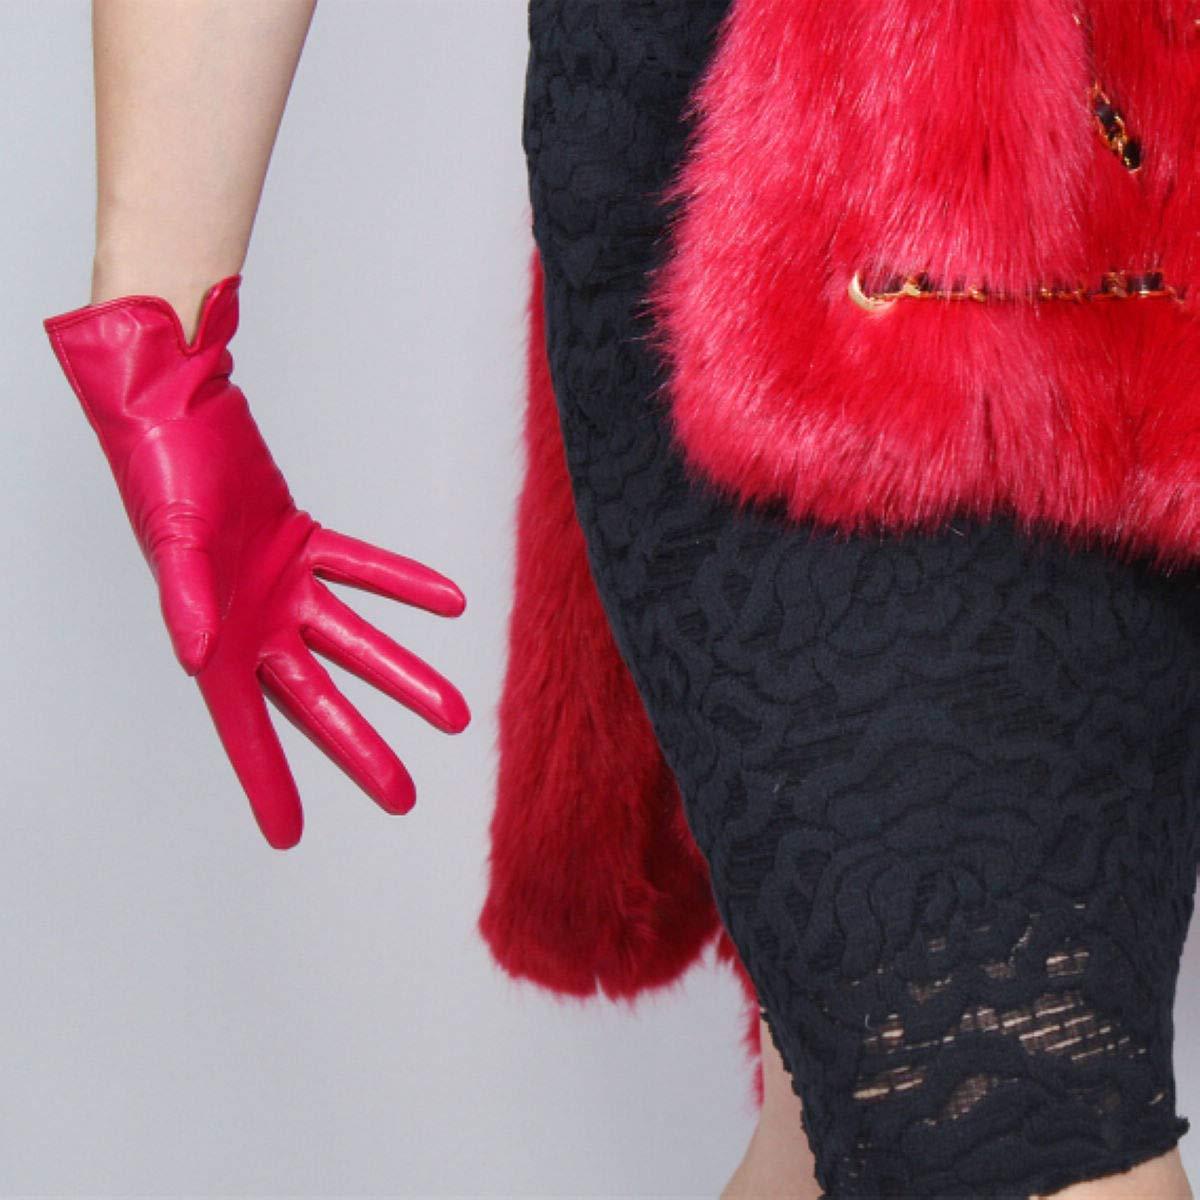 alla moda corti DooWay in pelle di pecora guanti in vera pelle rosa fucsia 25 cm